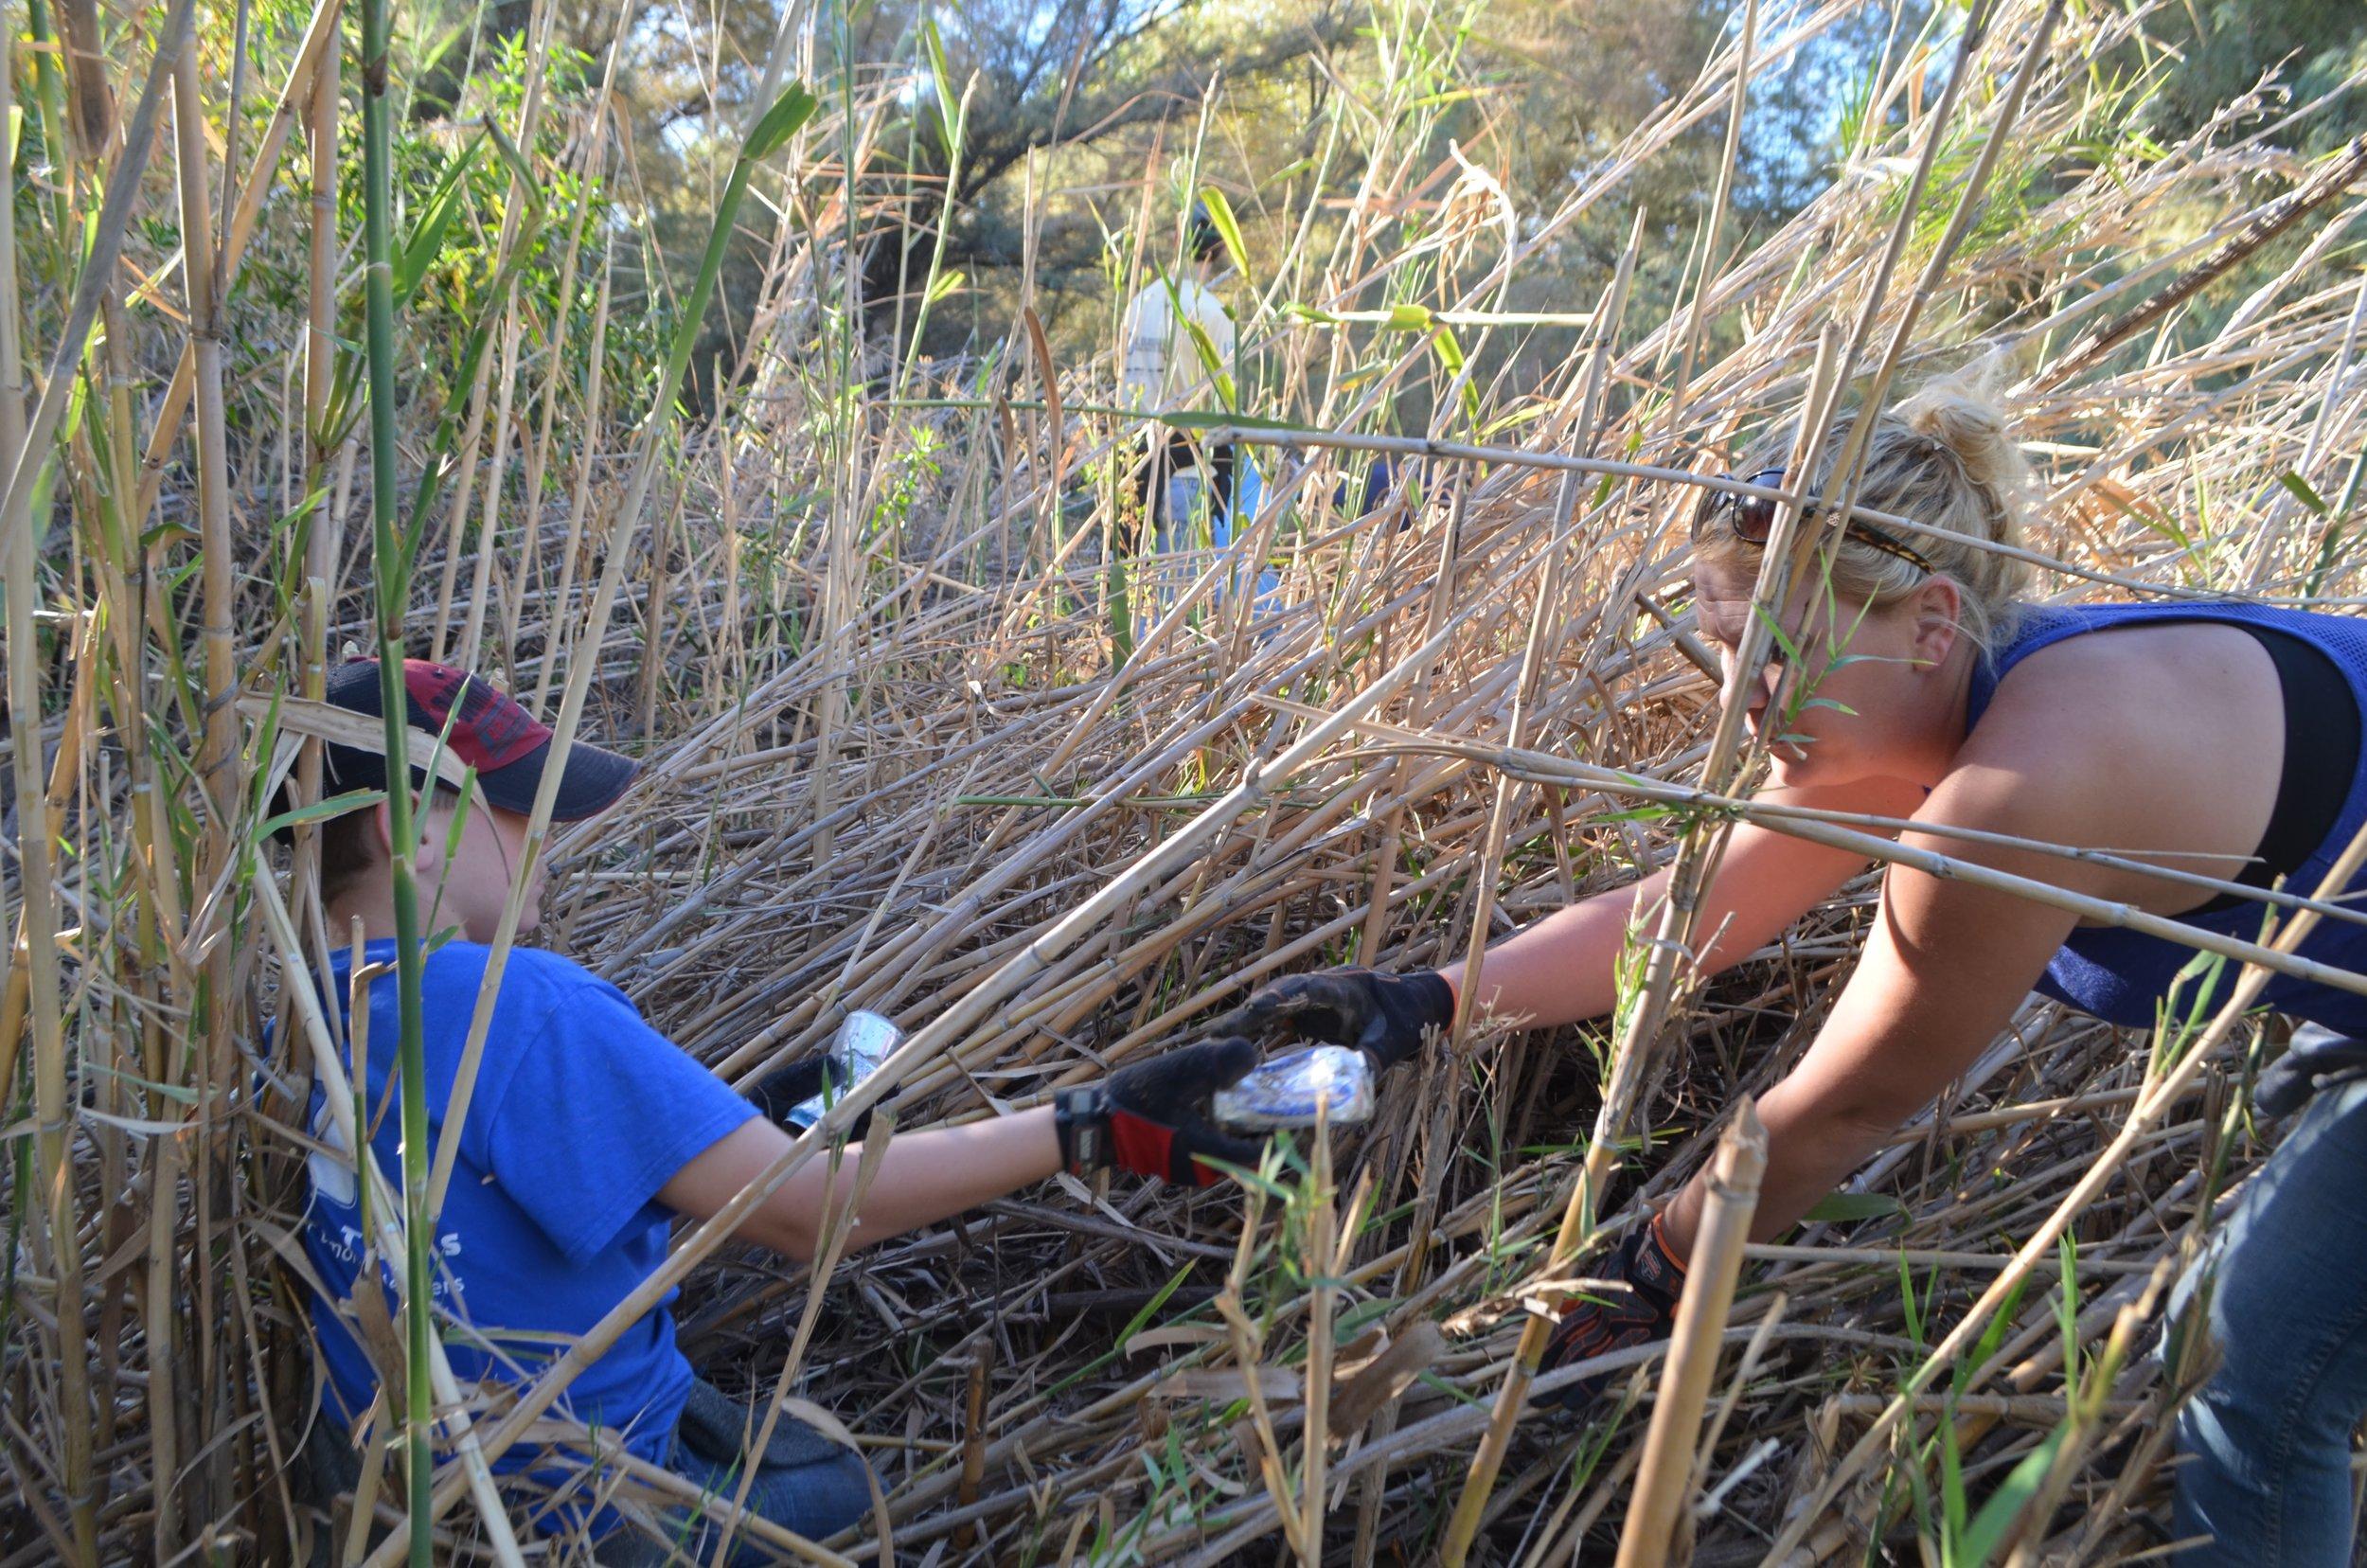 Salt River Cleanup 11-24-17 074.jpg